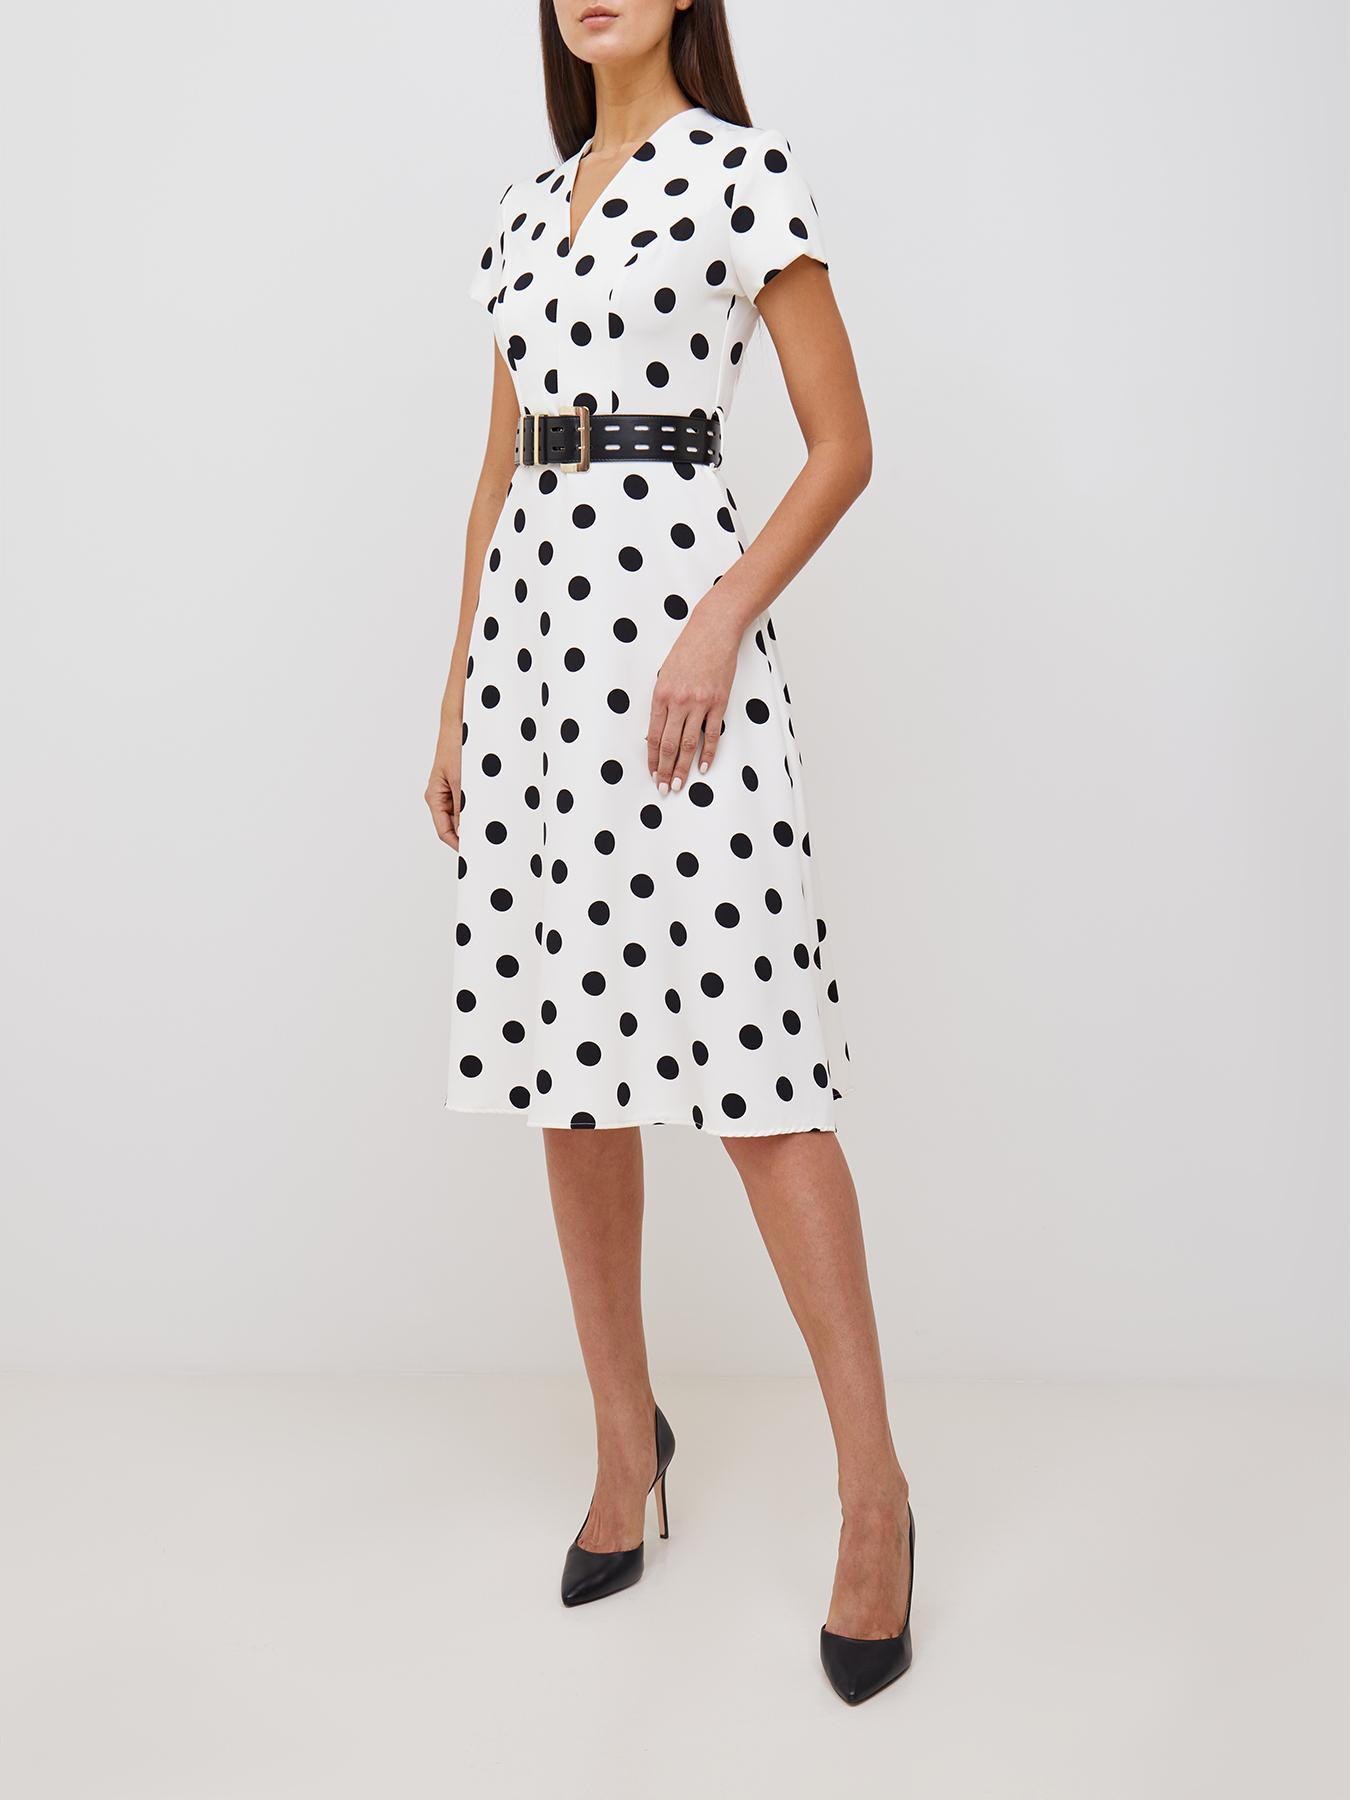 Платье Rinascimento Платье платье svesta svesta mp002xw1hsd2